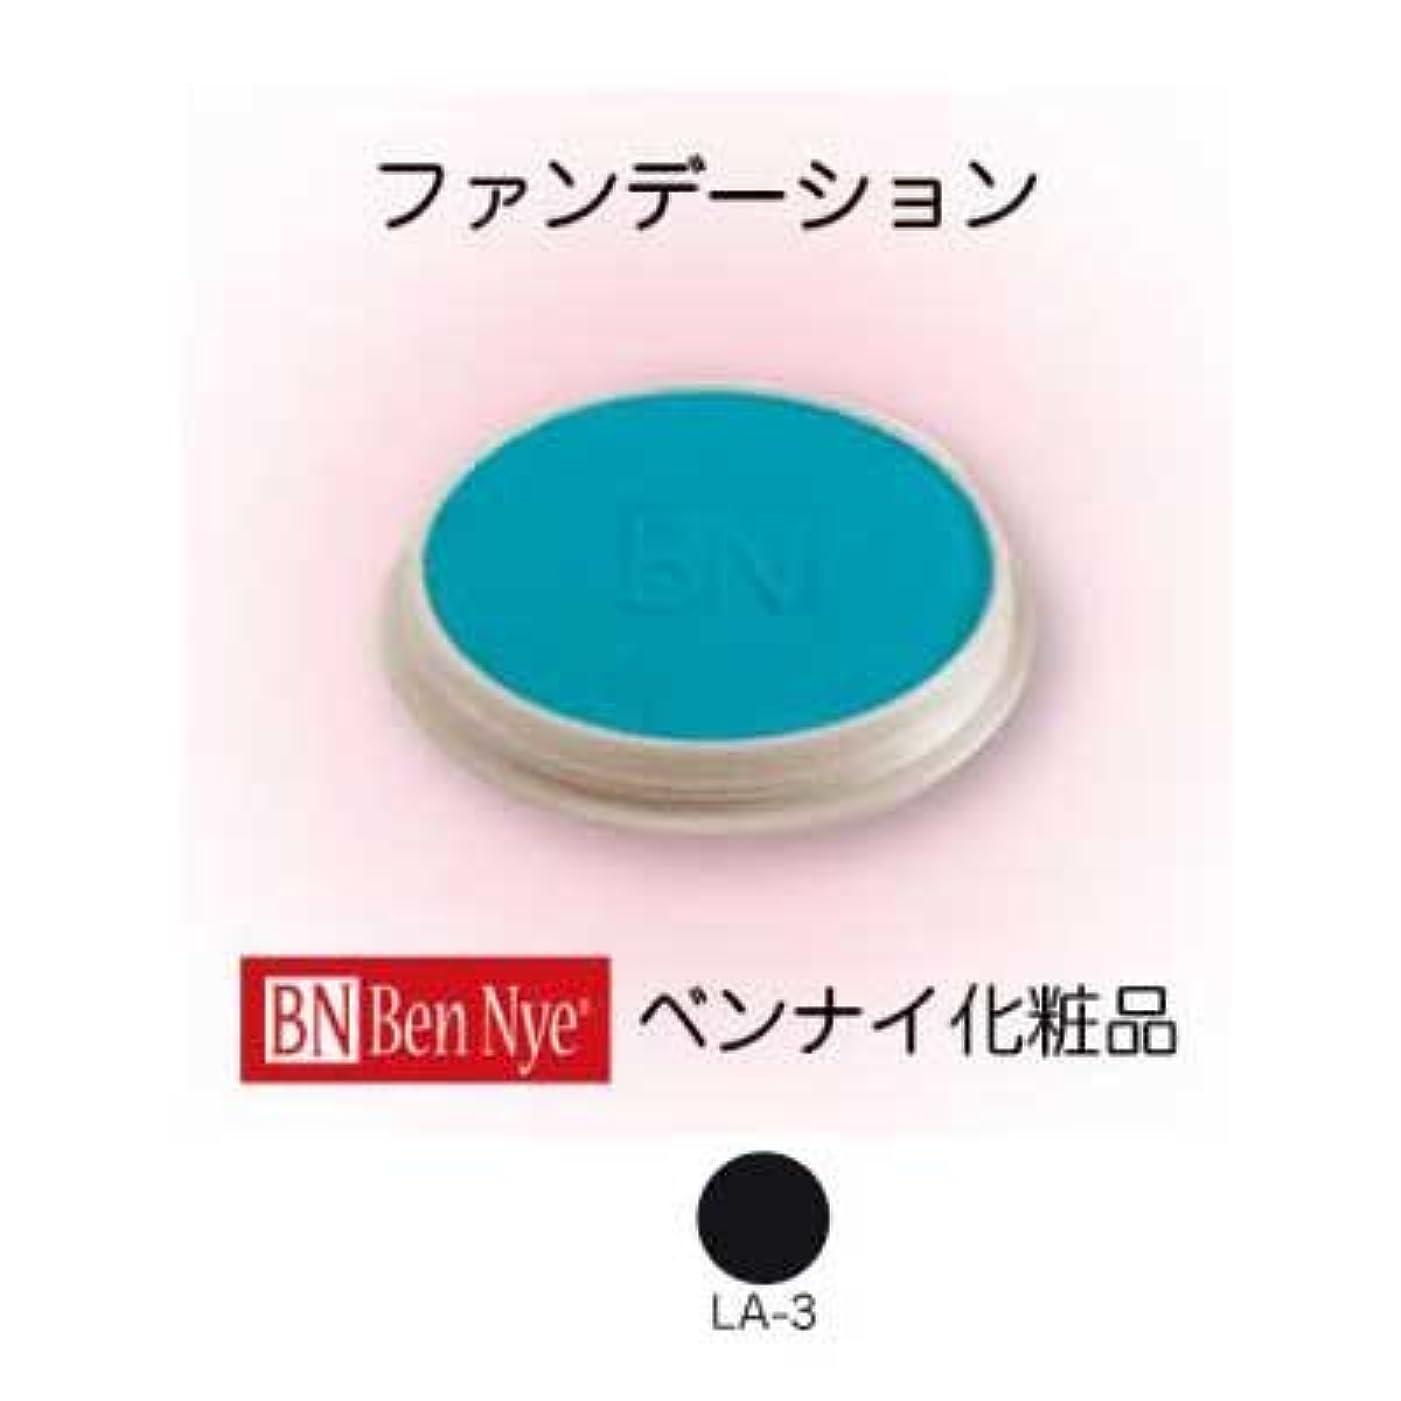 財政なす慈悲マジケーキ LA-3【ベンナイ化粧品】